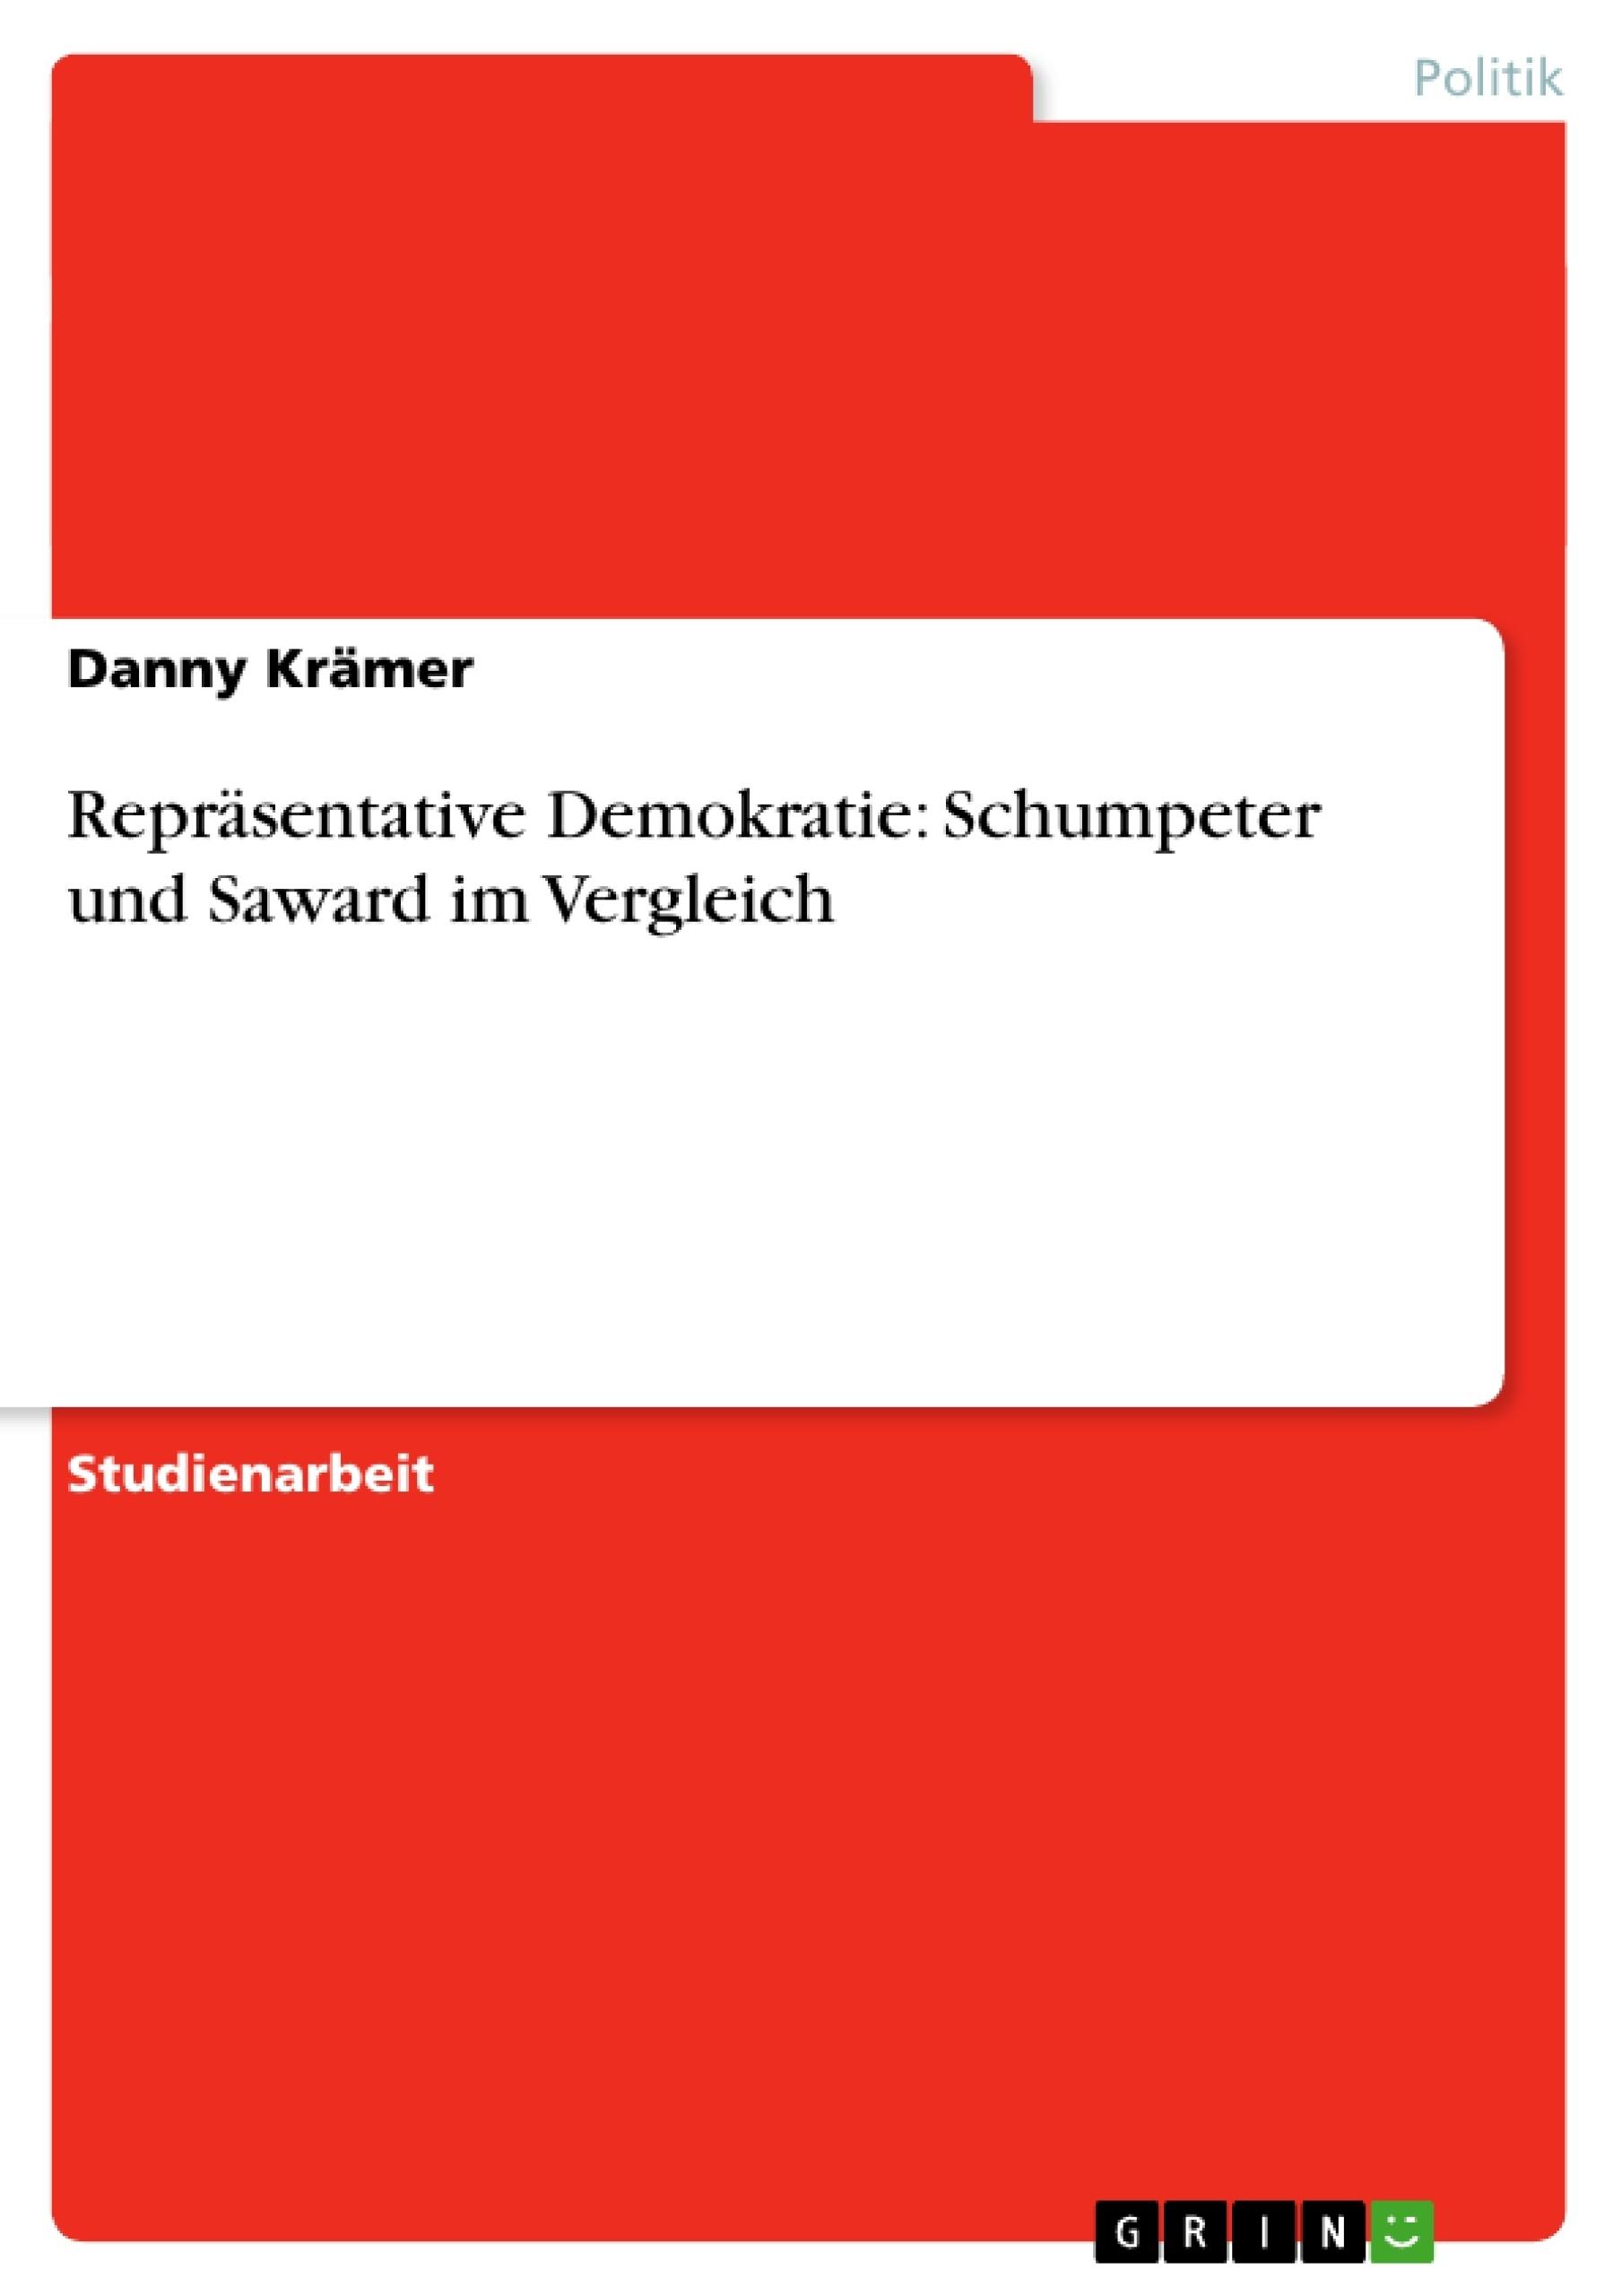 Titel: Repräsentative Demokratie: Schumpeter und Saward im Vergleich